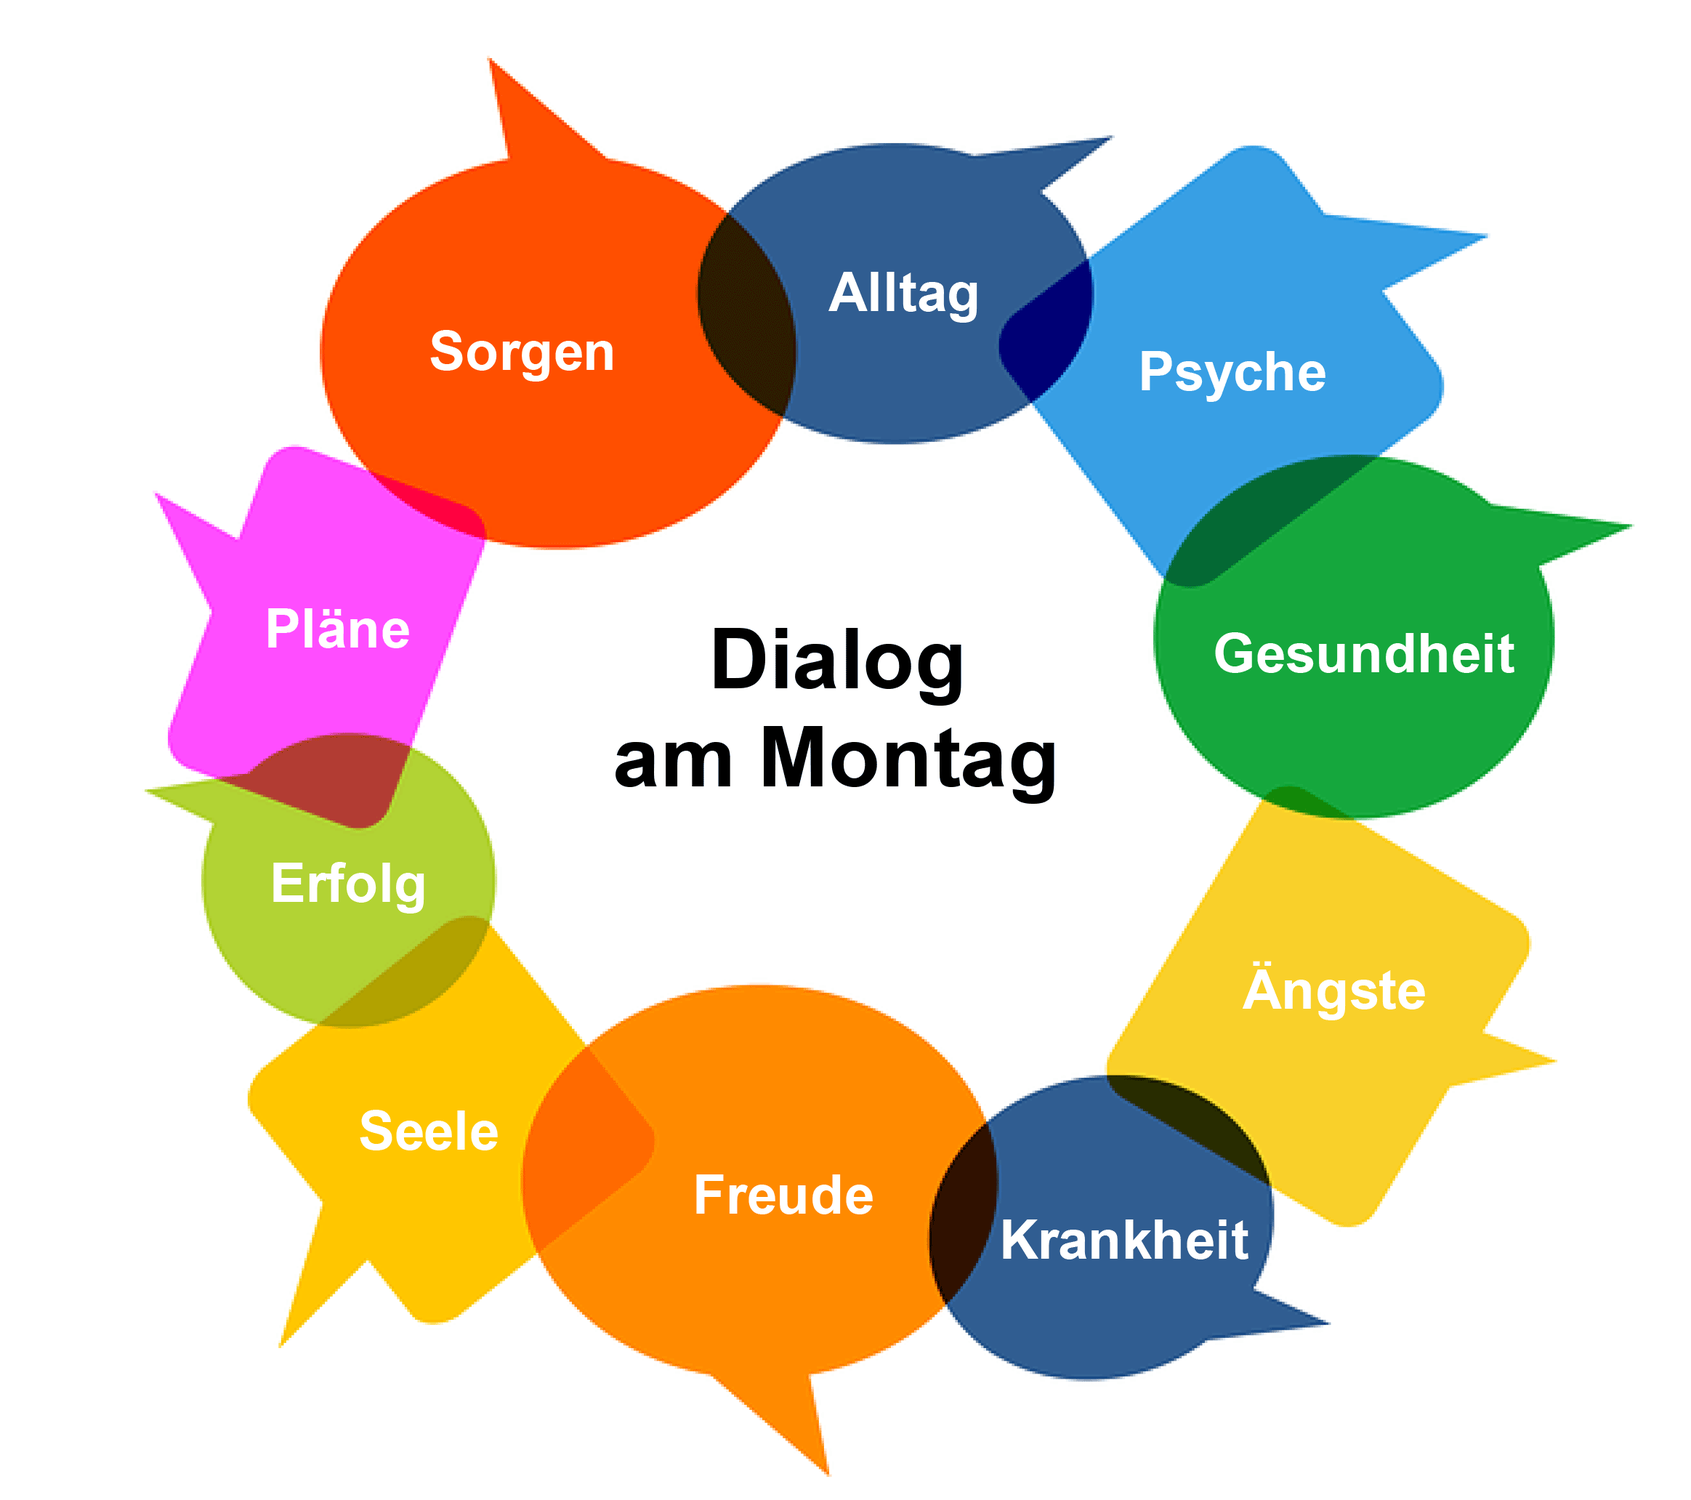 Dialog am Montag